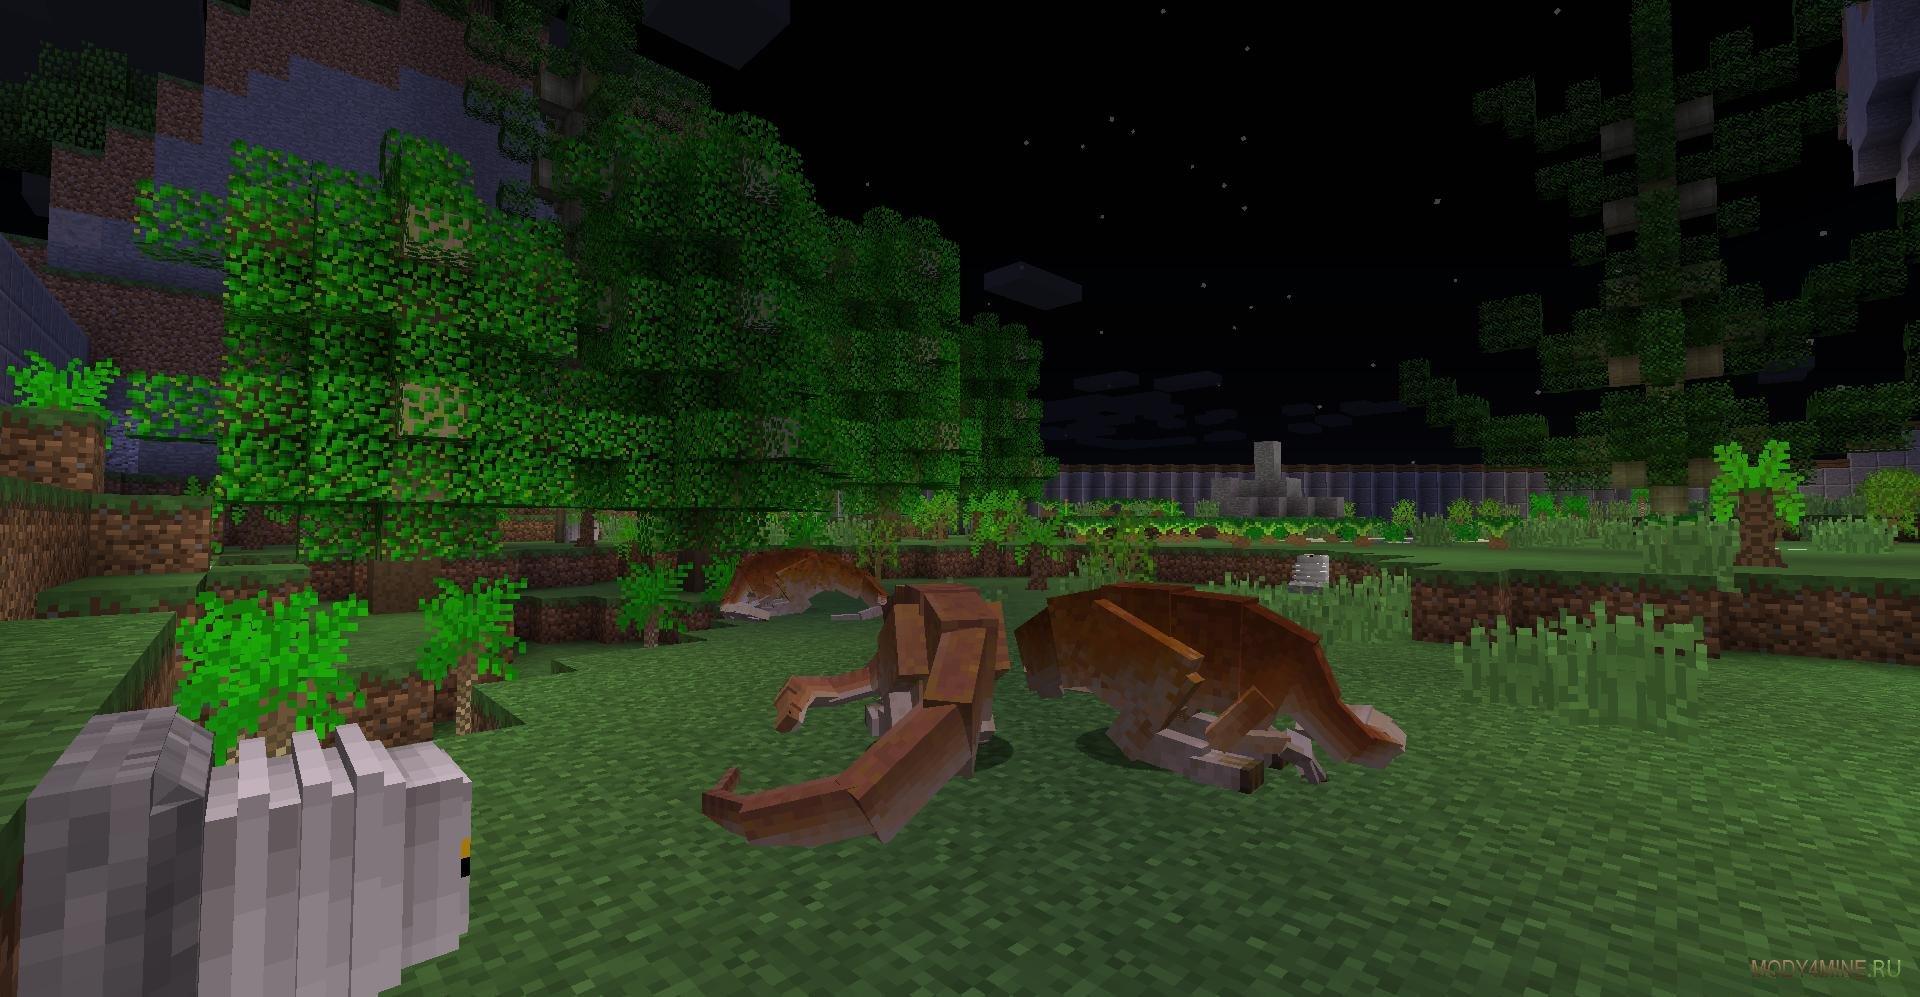 Мод на динозавров (jurassicraft) для minecraft 1. 7. 10.